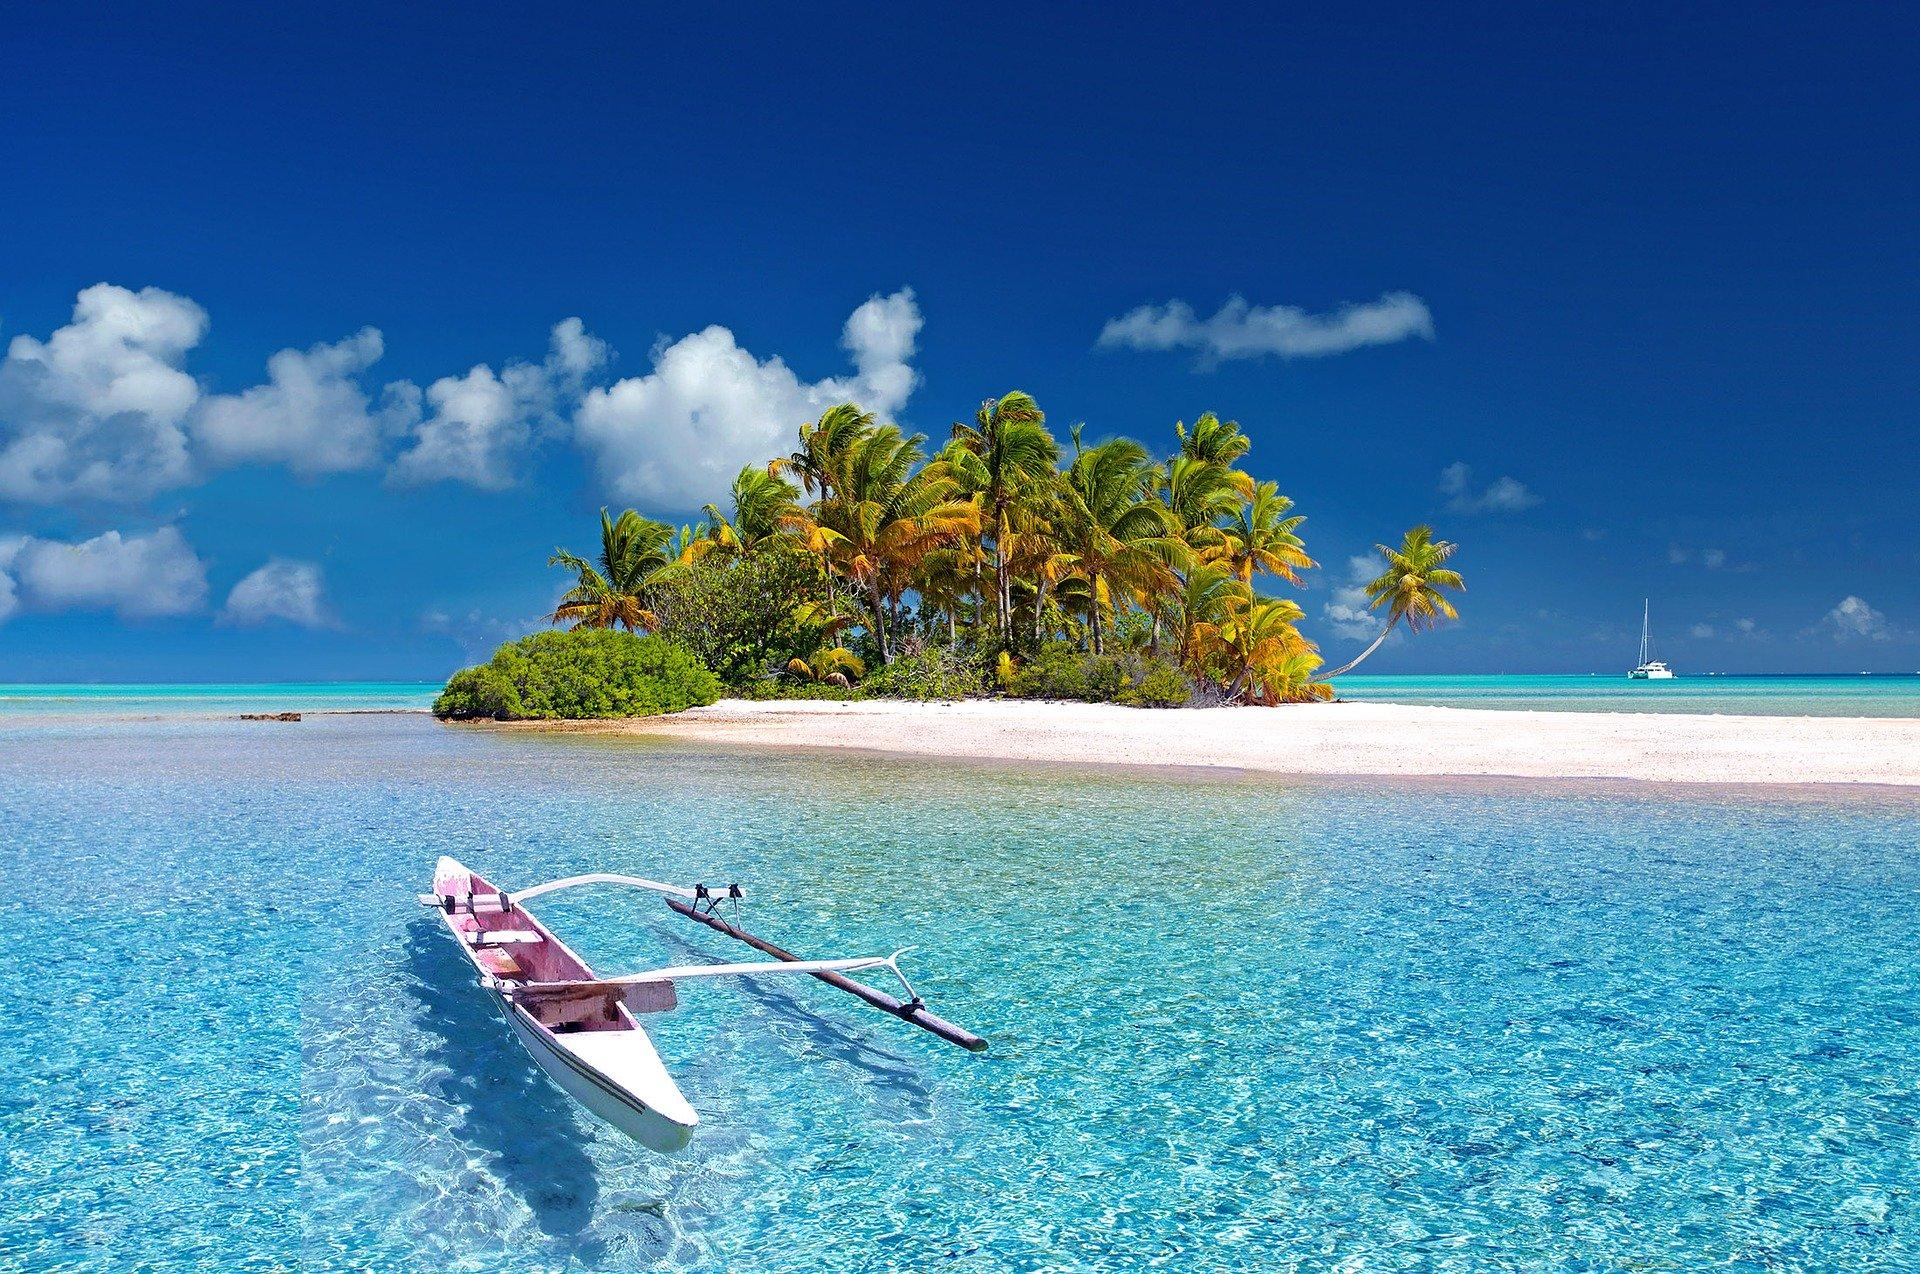 voyage weekend